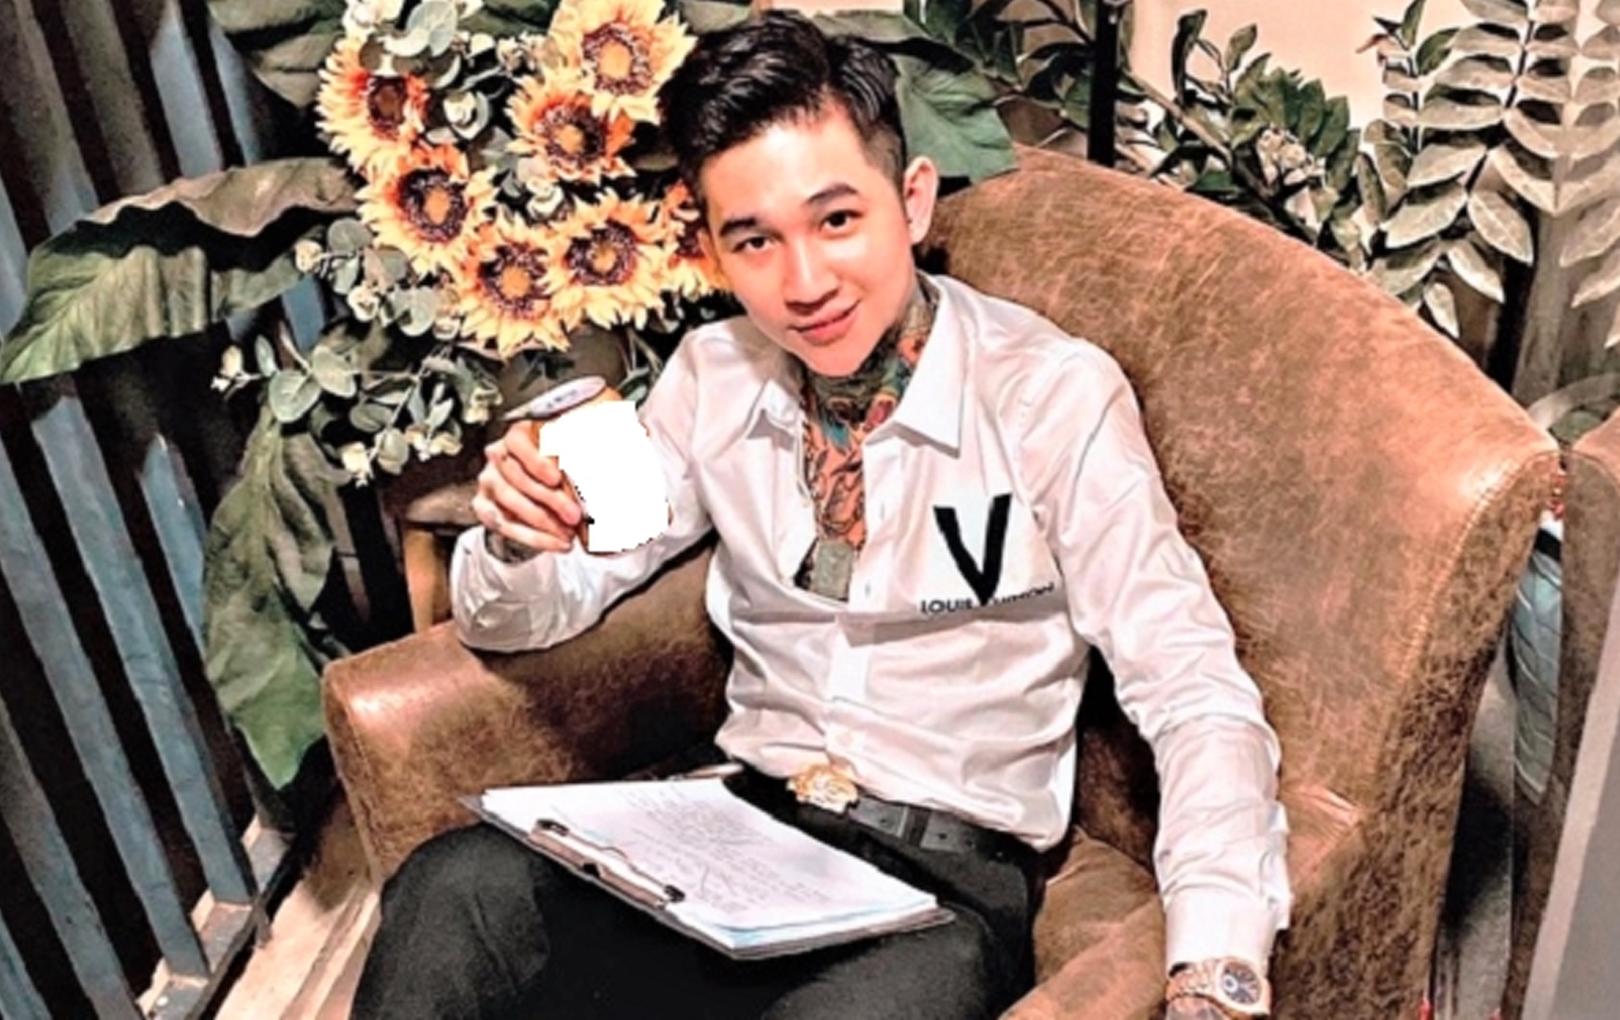 'Hoàng Tử Gió' Hoàng Đức Nhân tử vong tại căn hộ chung cư ở Hà Nội